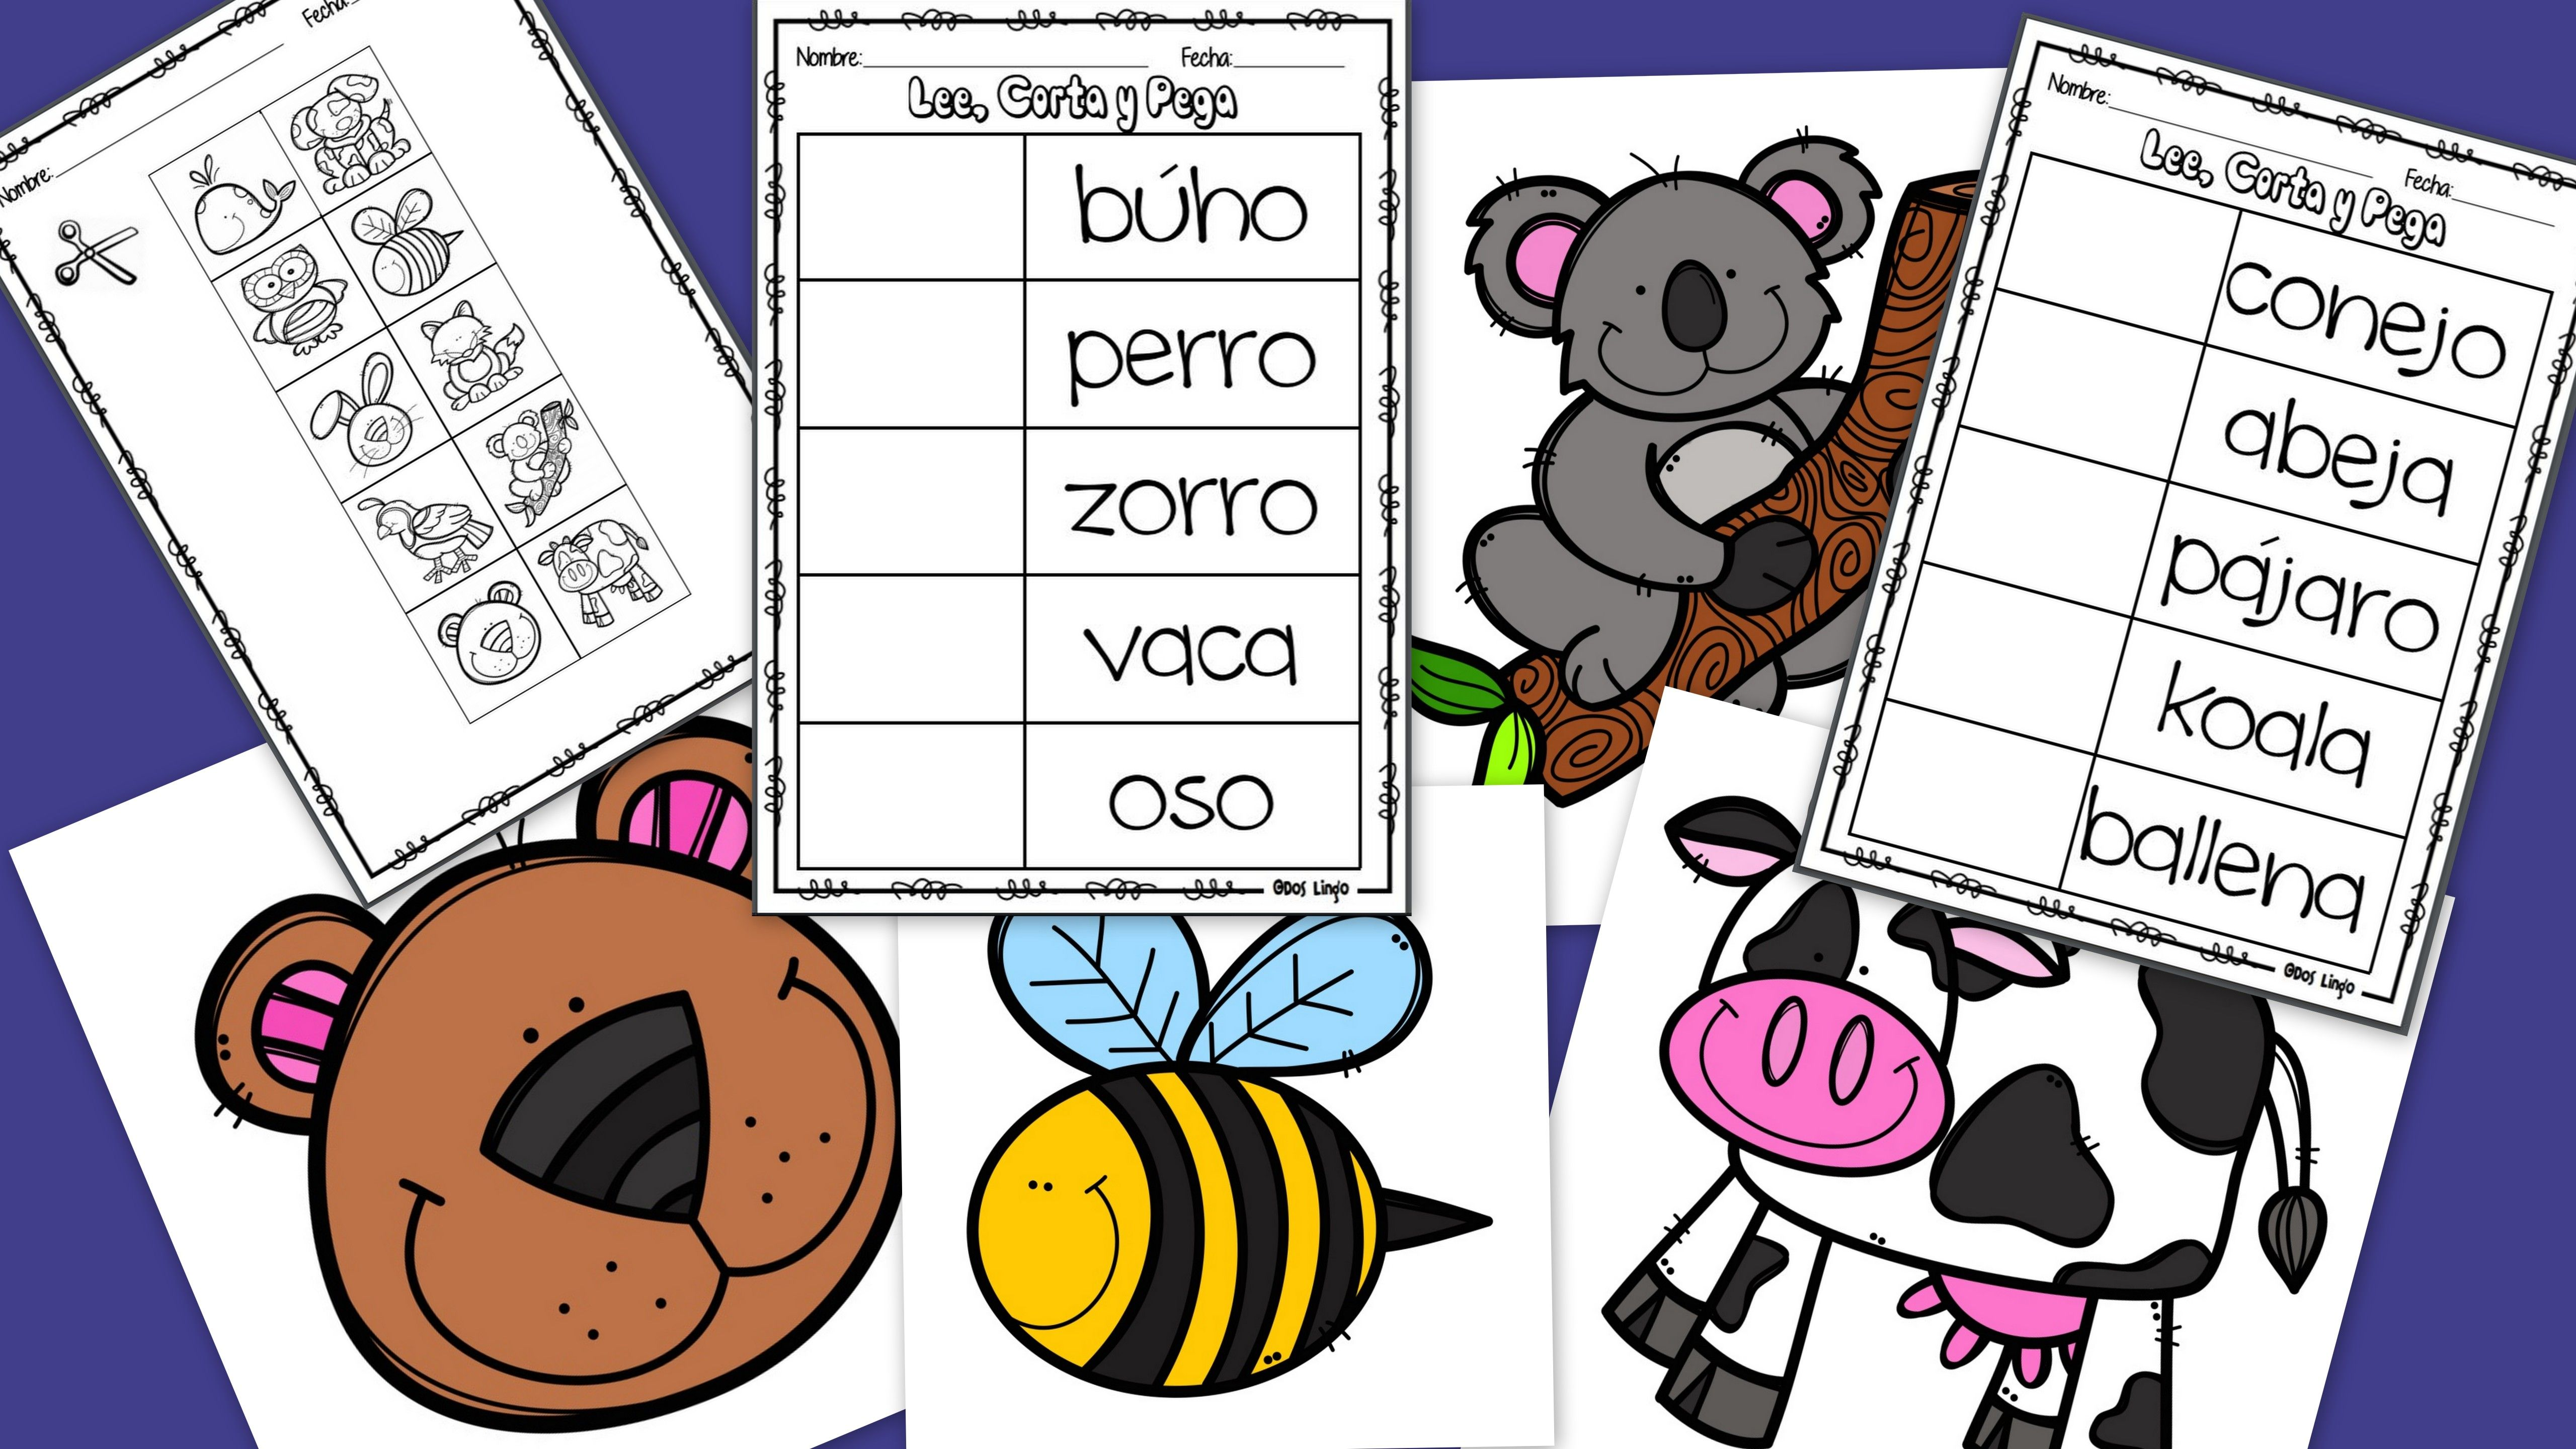 Lee Corta Y Pega Reading Comprehension Worksheets